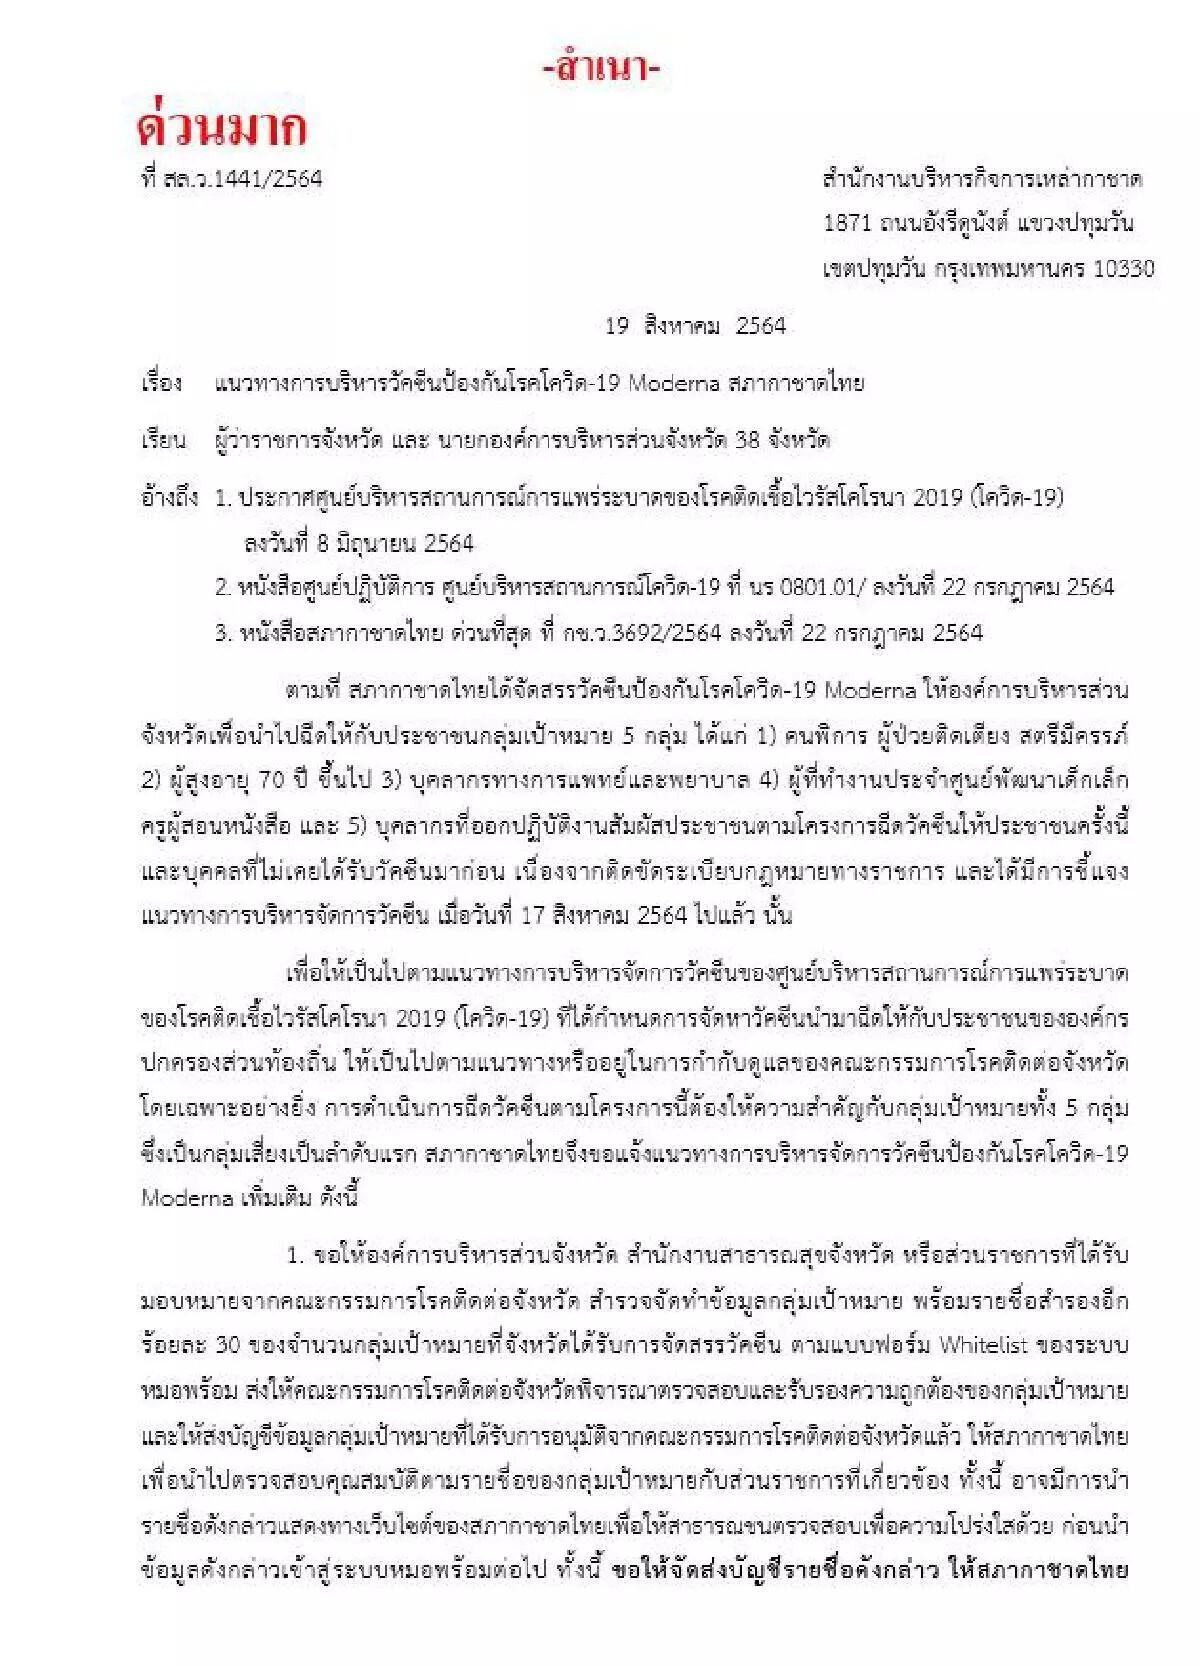 ด่วน! สภากาชาดไทย ประกาศแผนกระจายวัคซีนโมเดอร์นาไปยังท้องถิ่น